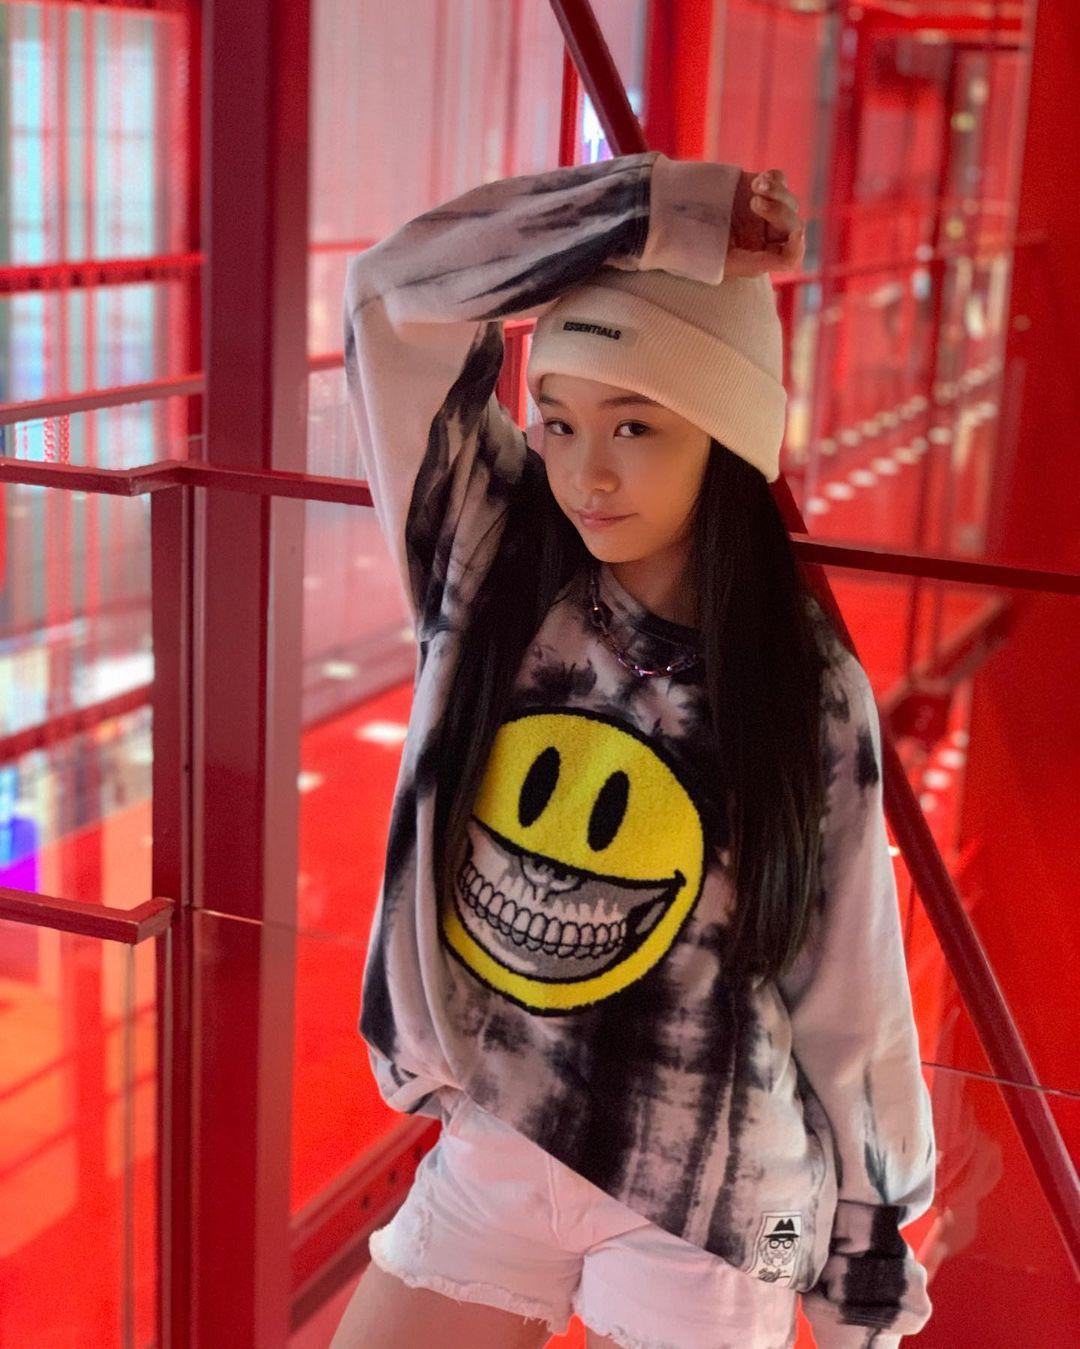 Conoce a Hinata Shimauchi, la bailarina japonesa de 12 años que rompe la pista de baile